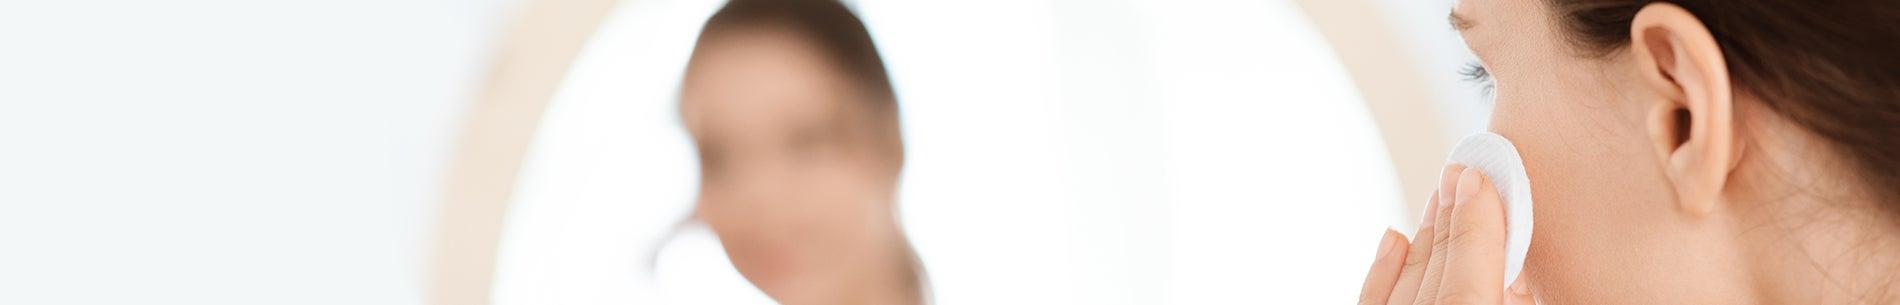 El secreto de una buena piel: descubre nuestros limpiadores con ingredientes de origen natural